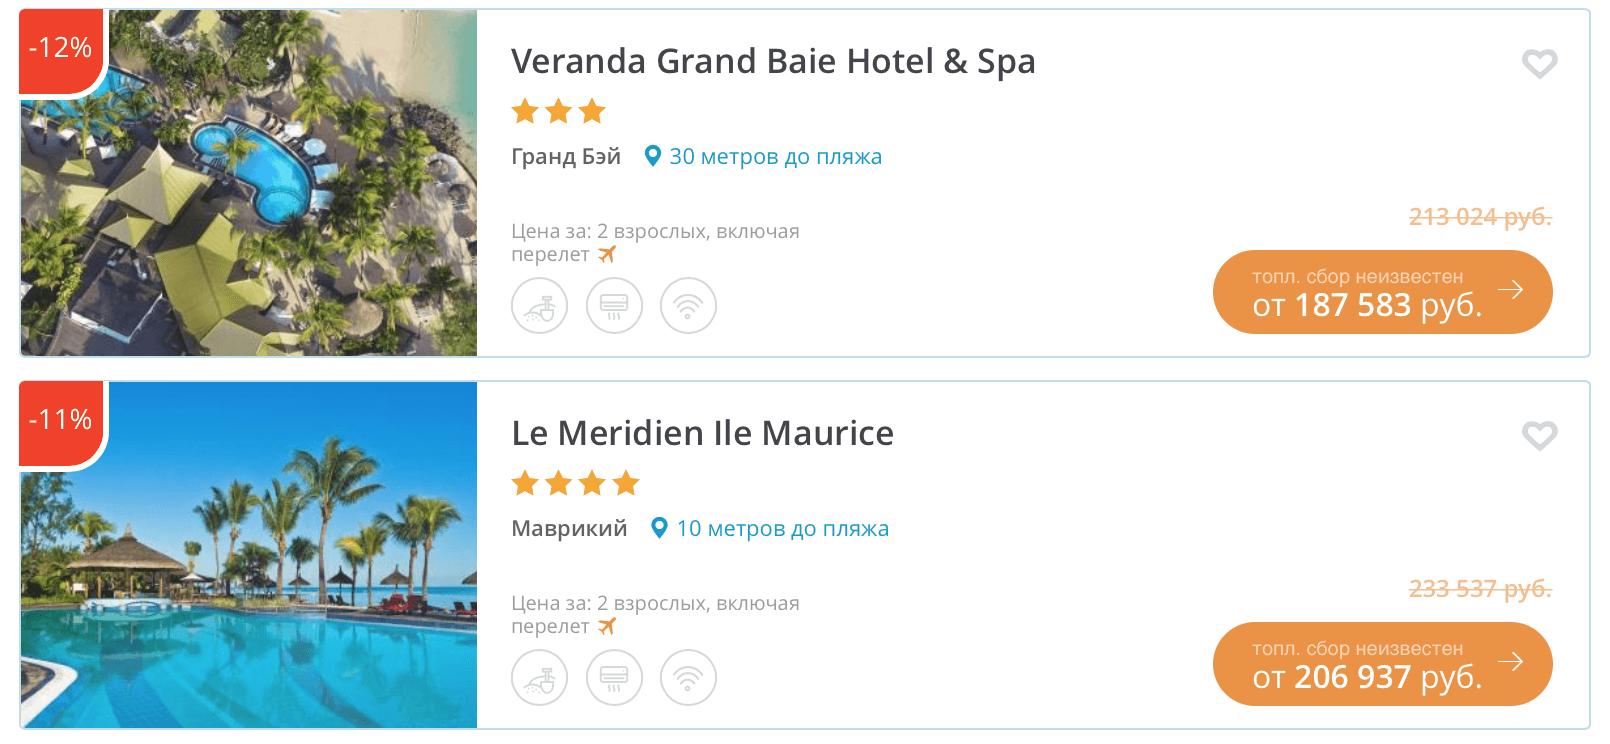 Купить тур в Маврикий